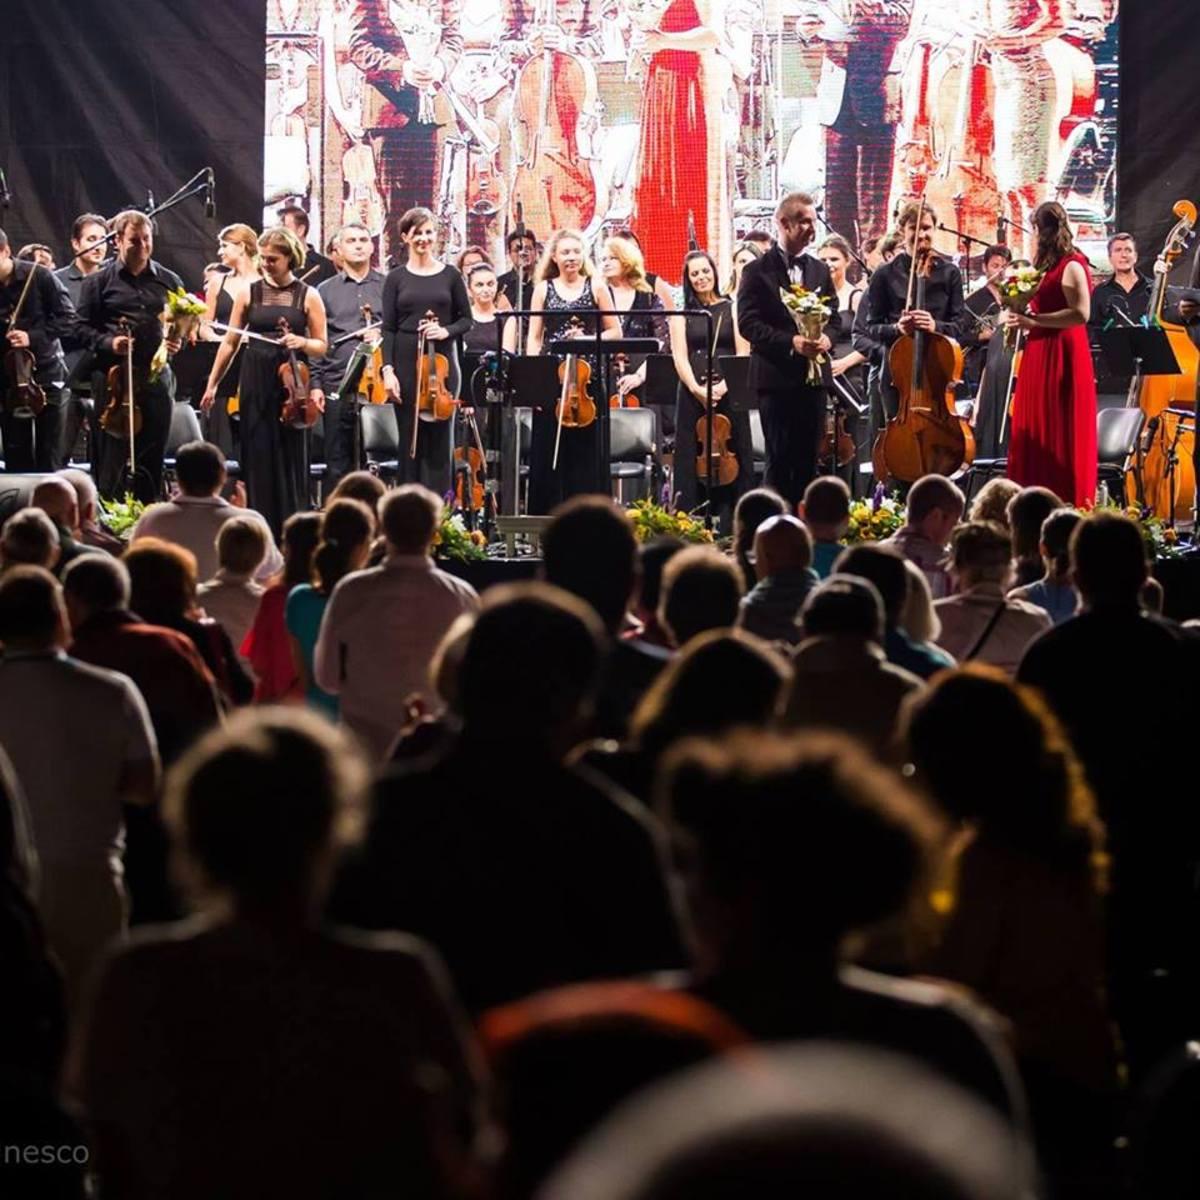 Peste 300 de artiști aduc muzica clasică în Piața Mare, în weekend